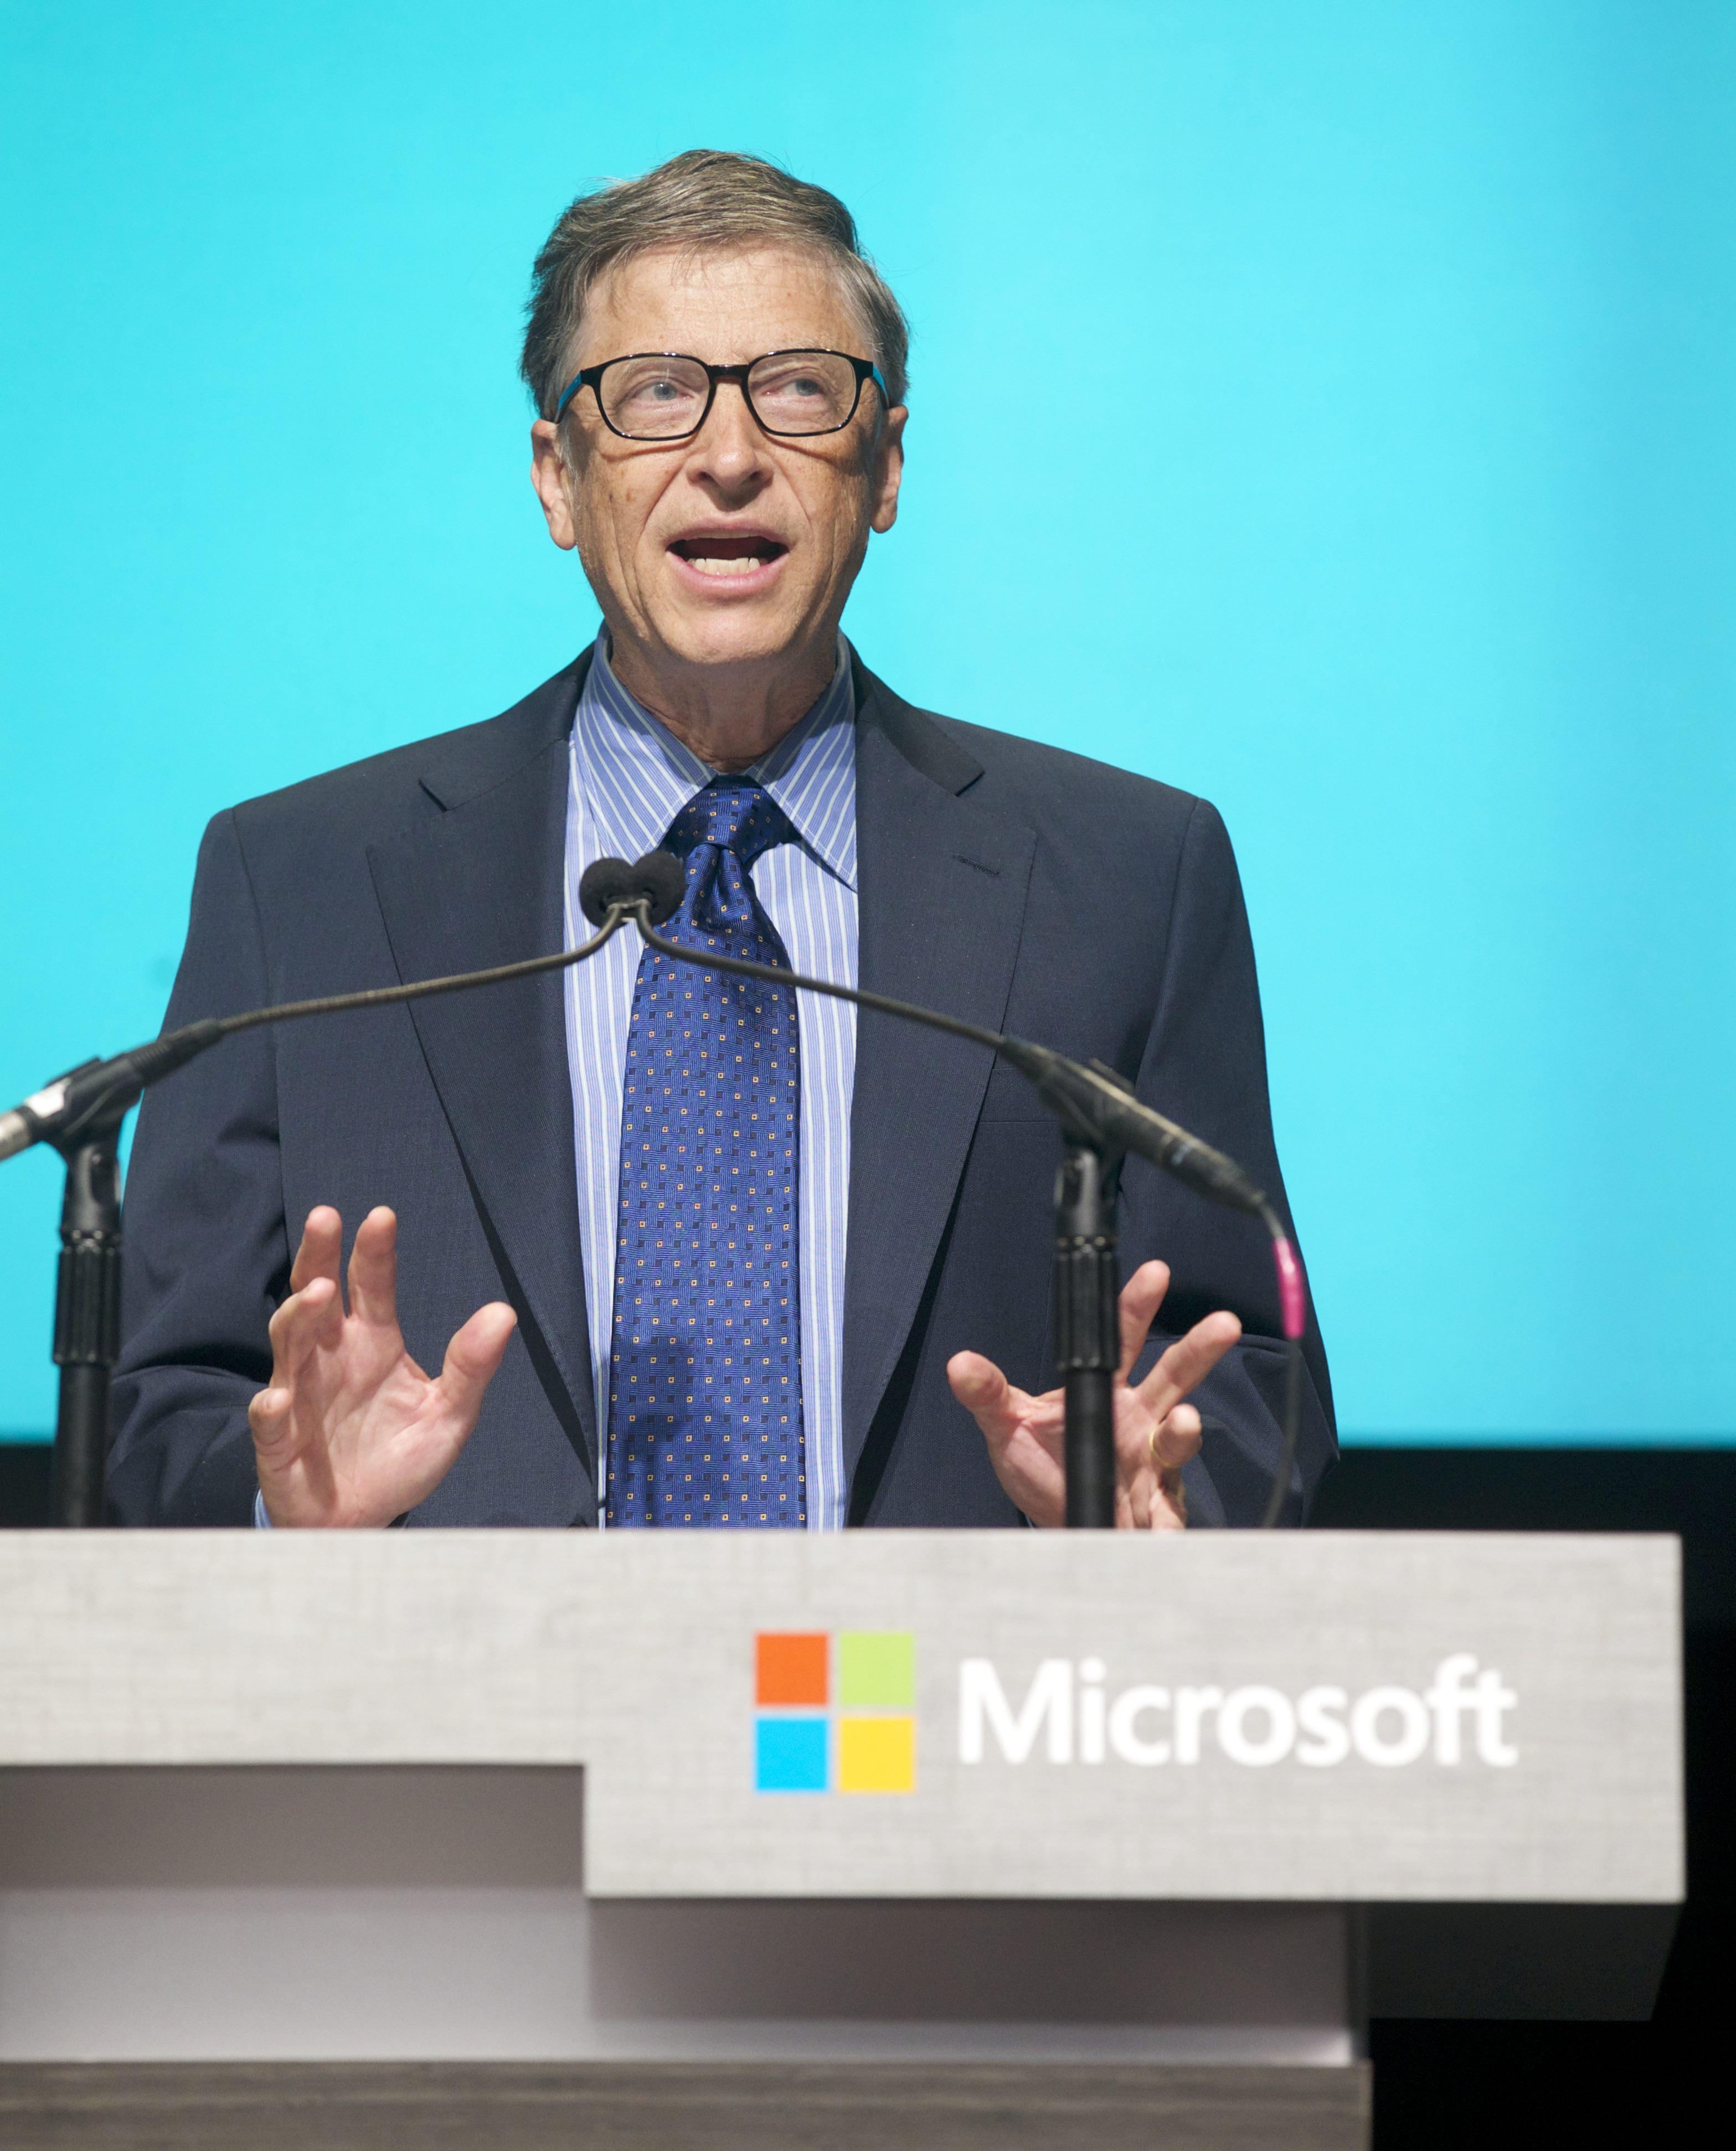 Zdaniem specjalistów szef Microsoftu wykazuje cechy zespołu Aspergera